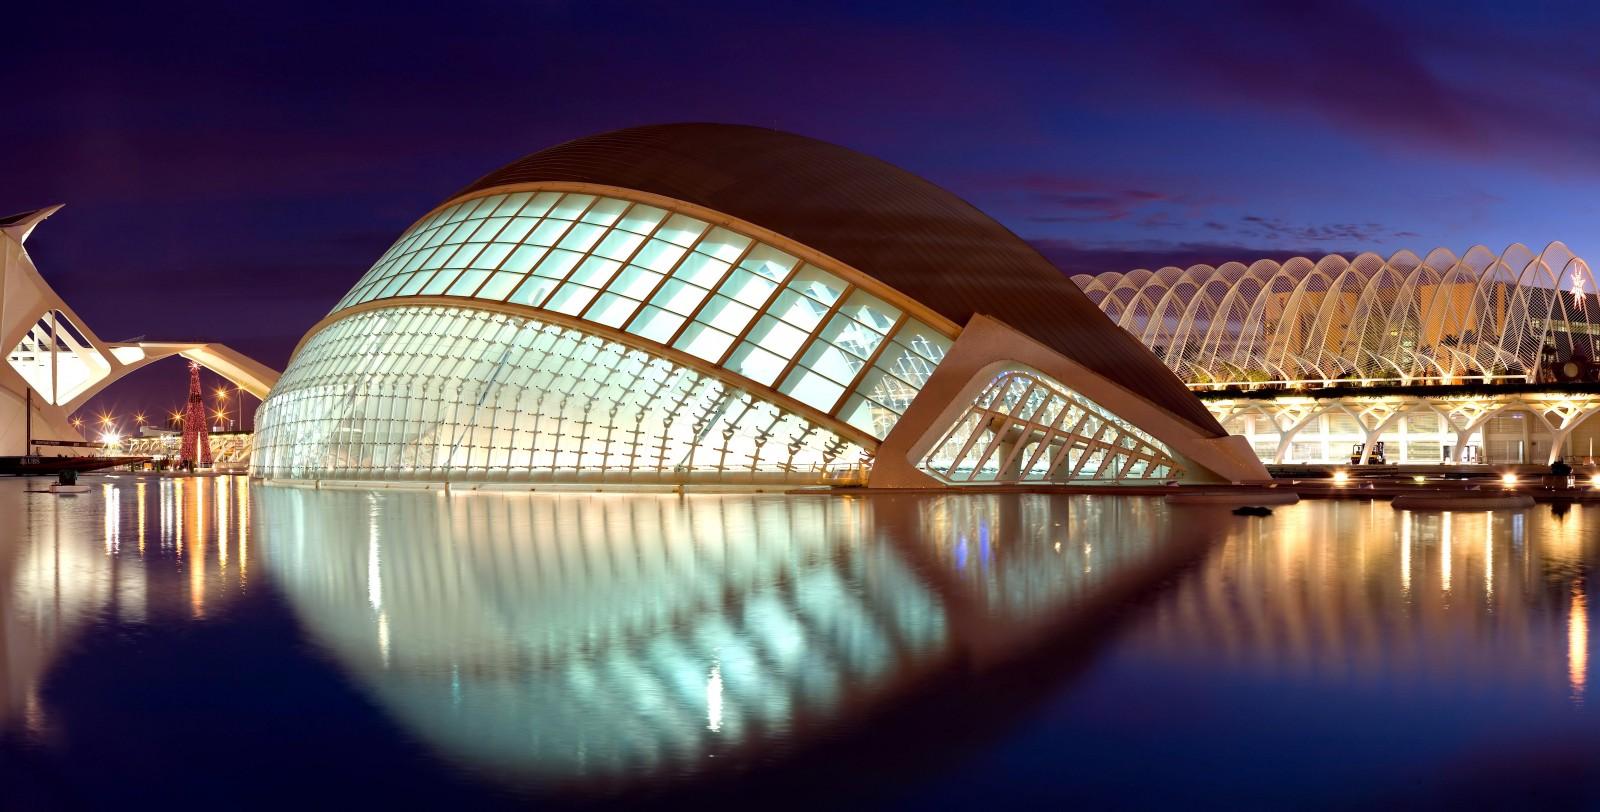 Spagna: fino a €200.000 per favorire gli investimenti R&D di imprese estere